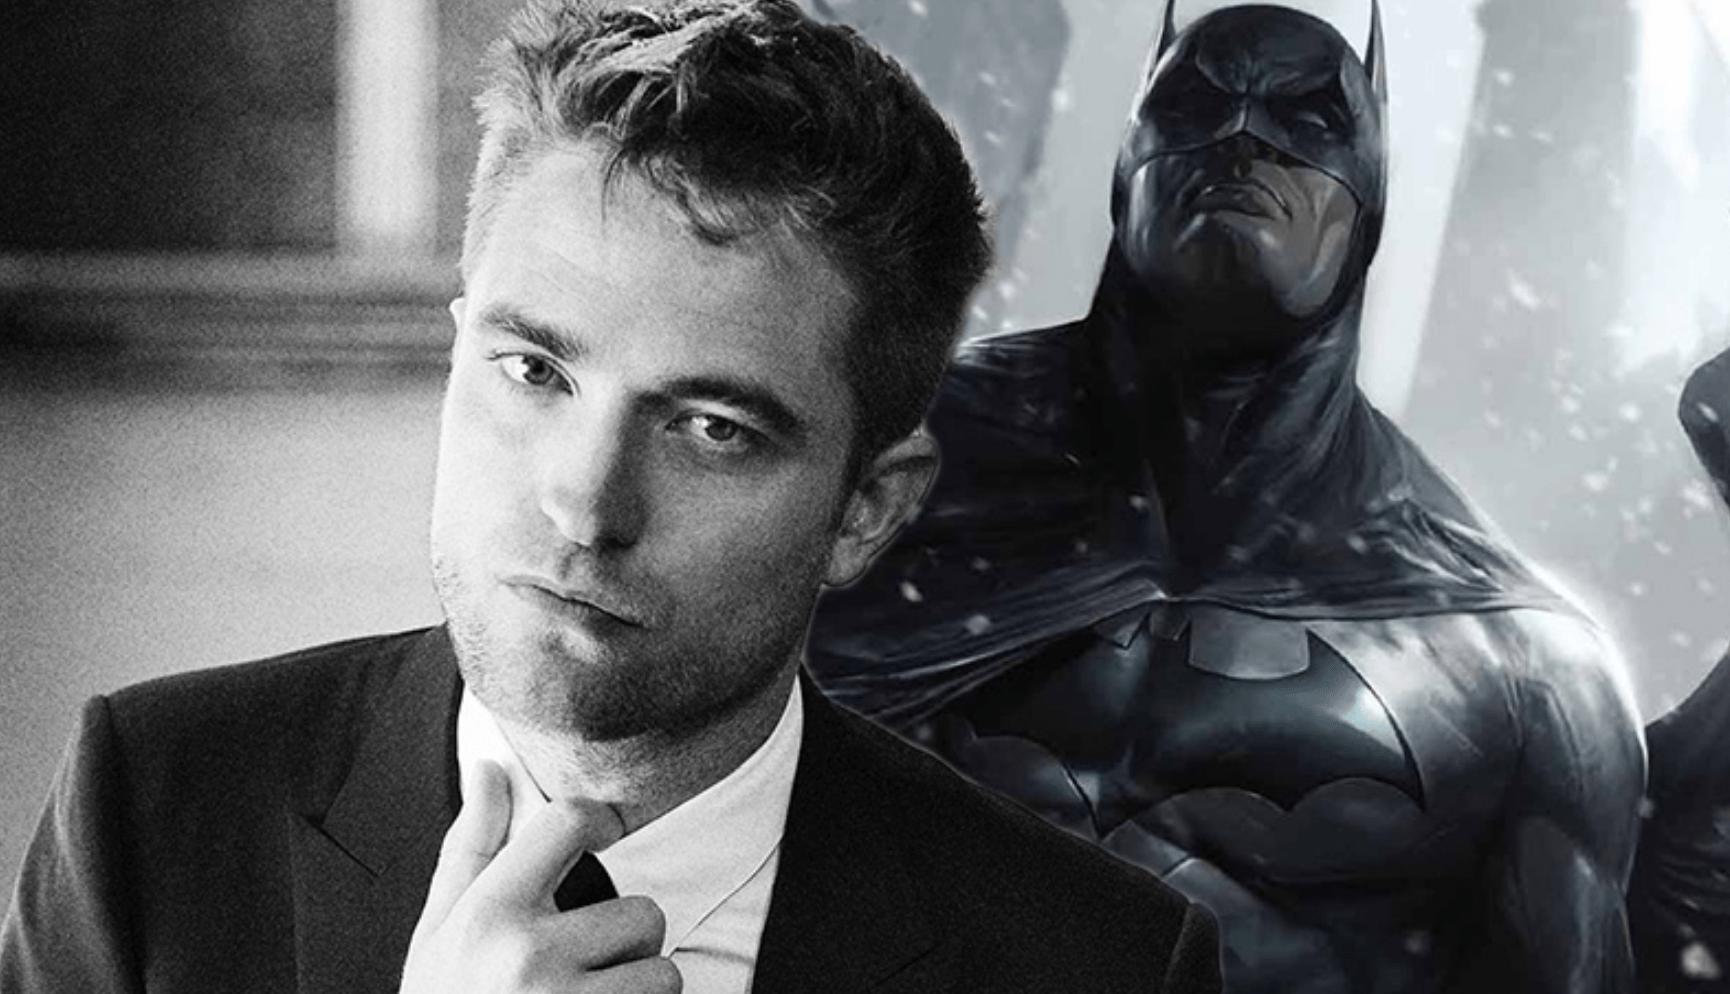 OFICIAL: Robert Pattinson será el nuevo Batman de Matt Reeves y Warner Bros